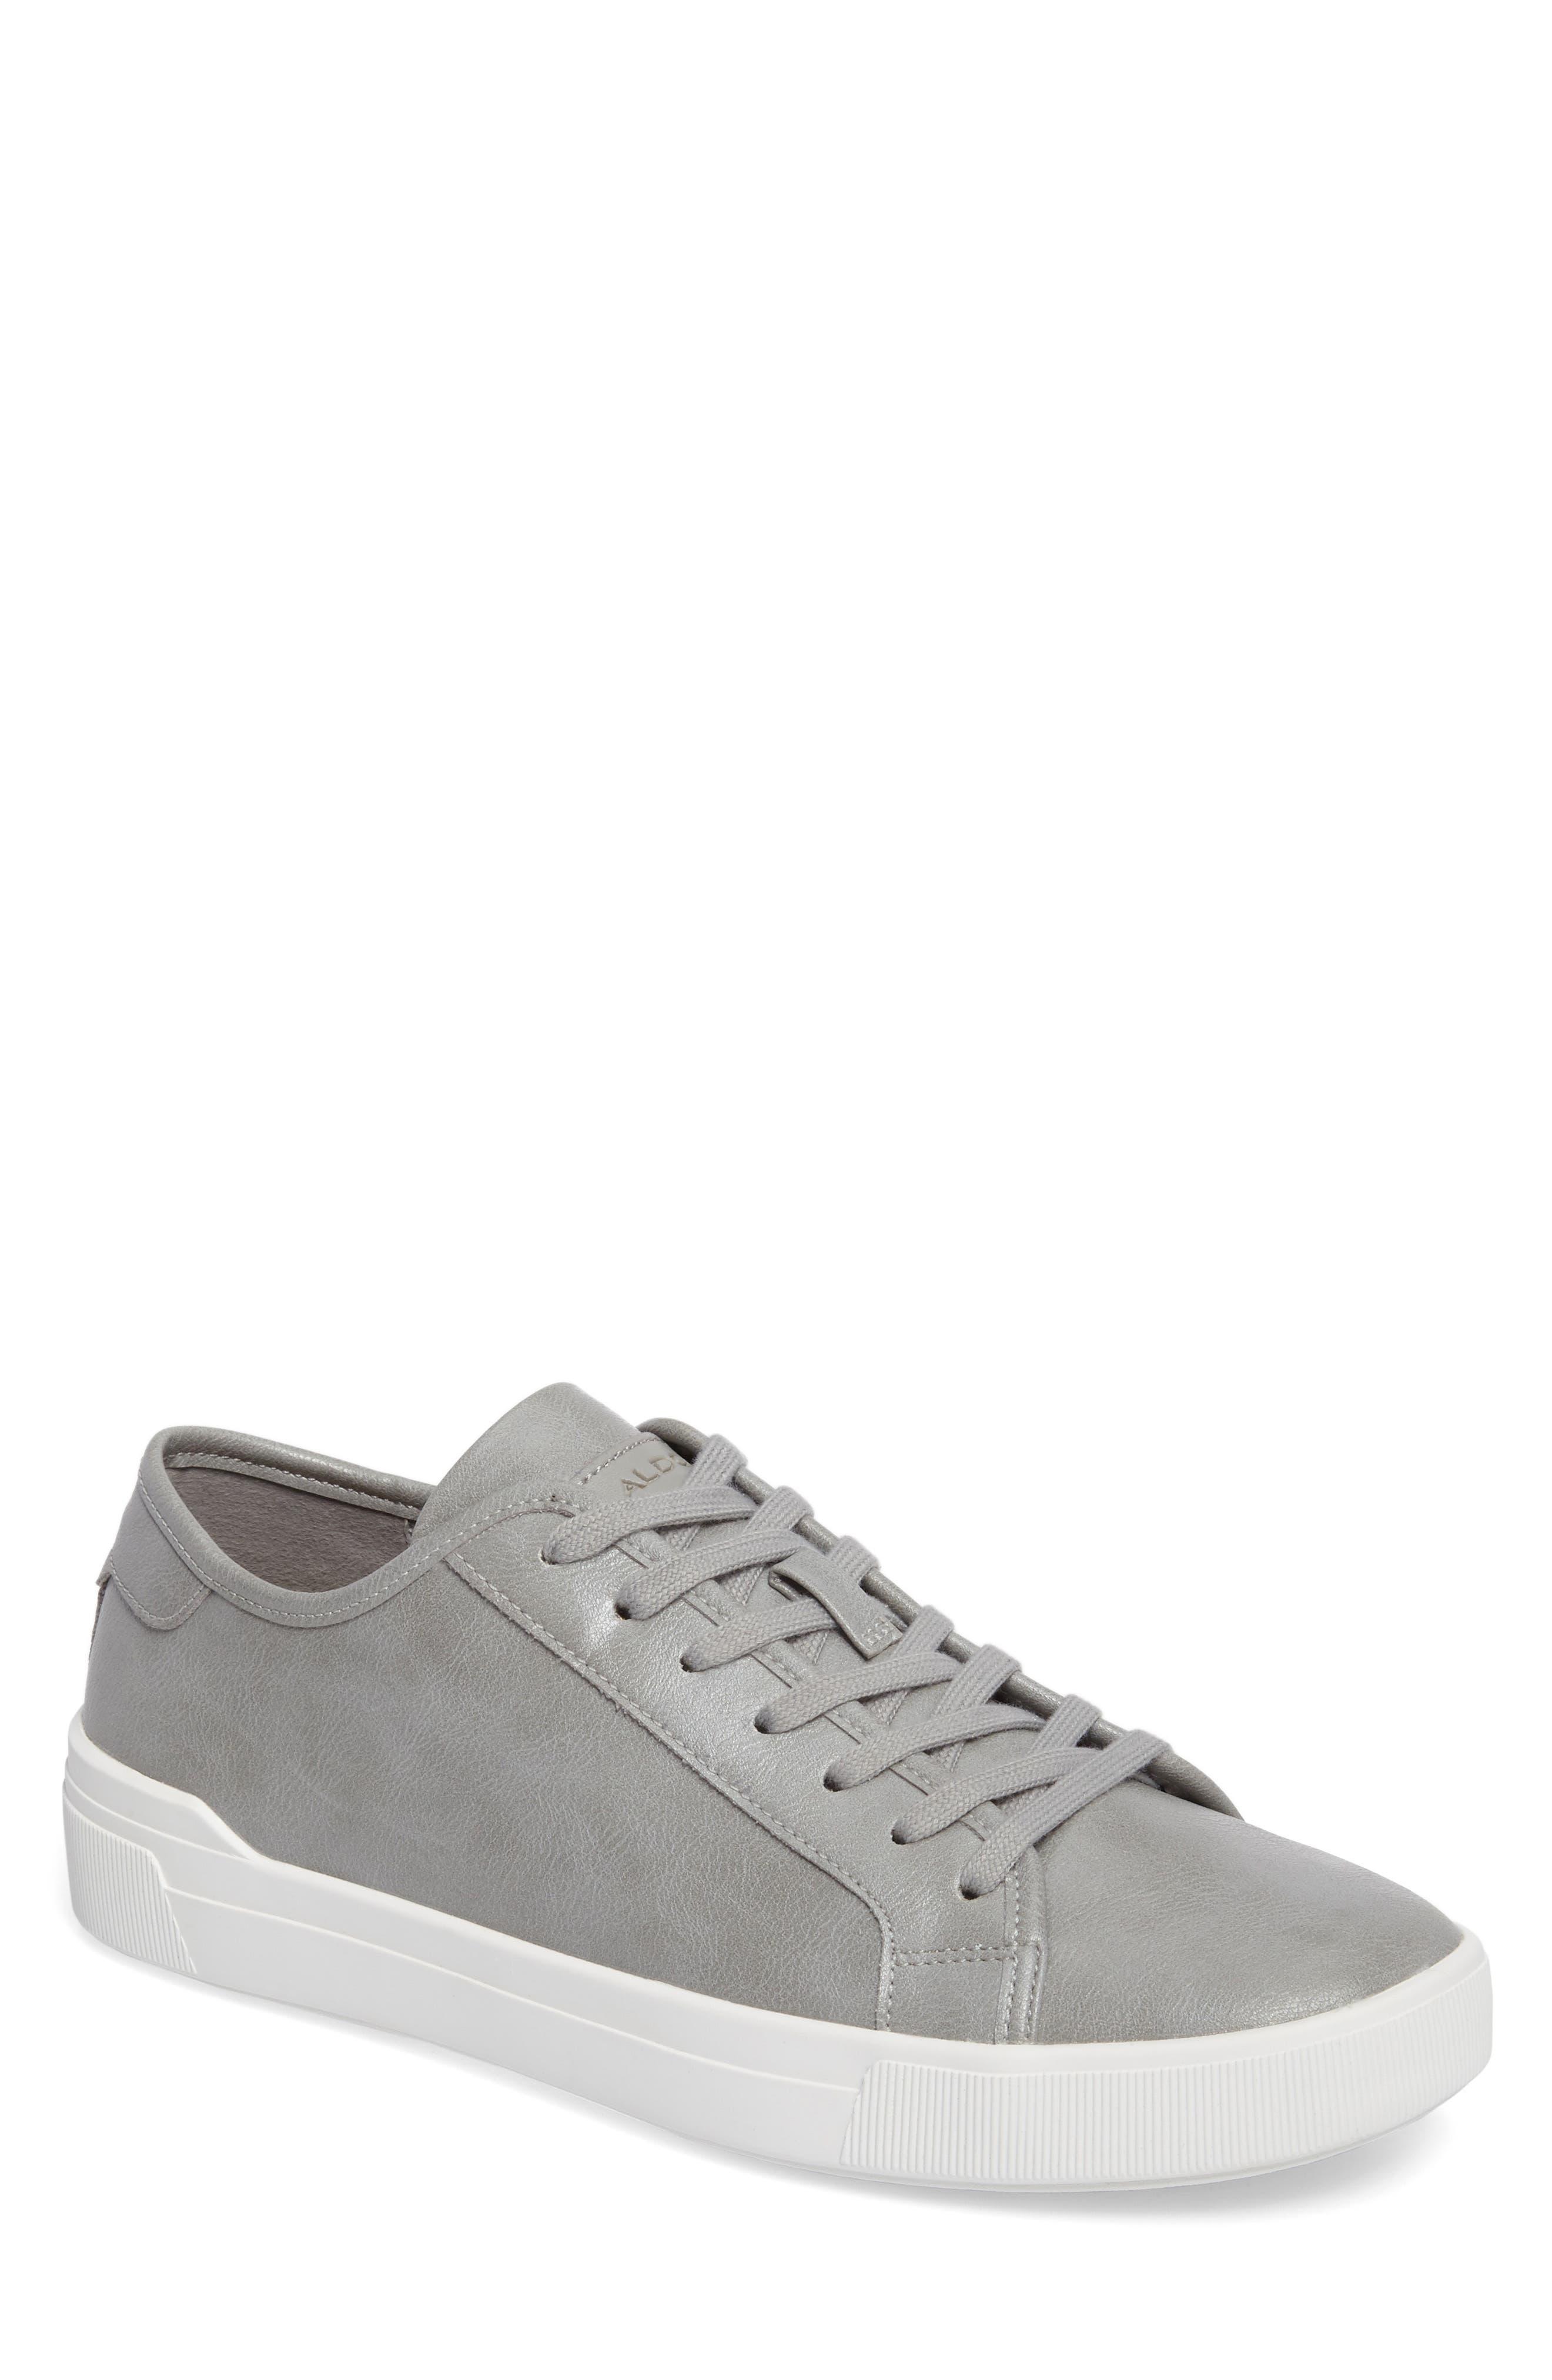 Haener Sneaker,                         Main,                         color, Medium Grey